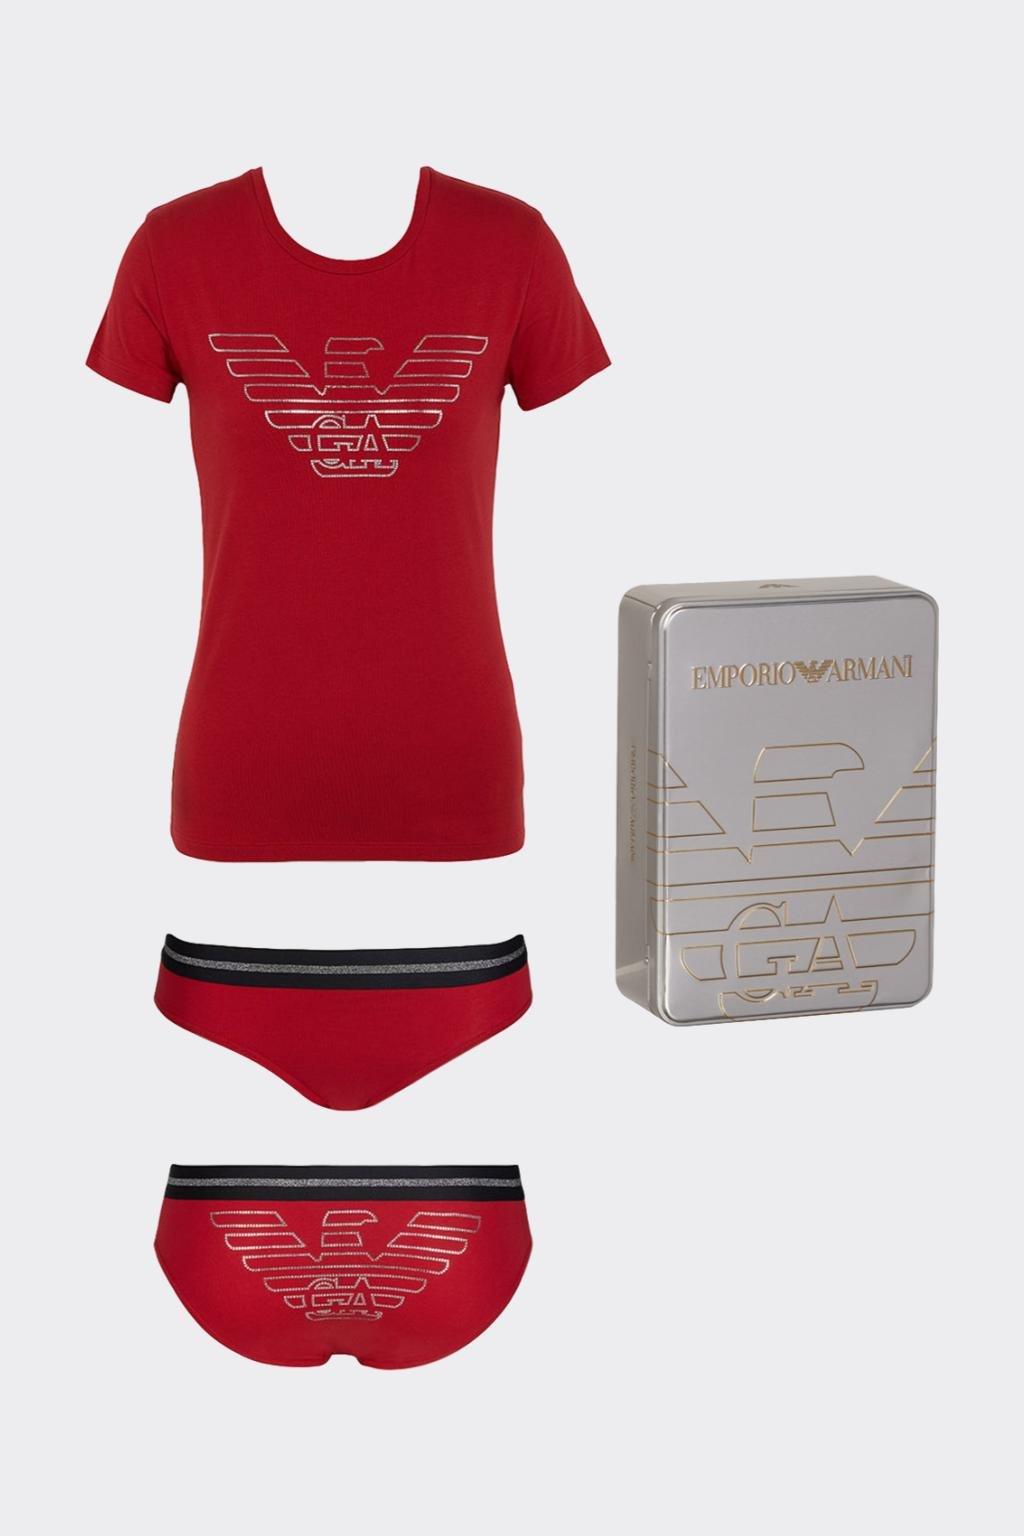 Emporio Armani dárkové balení Christmas eagle tričko + kalhotky -červená